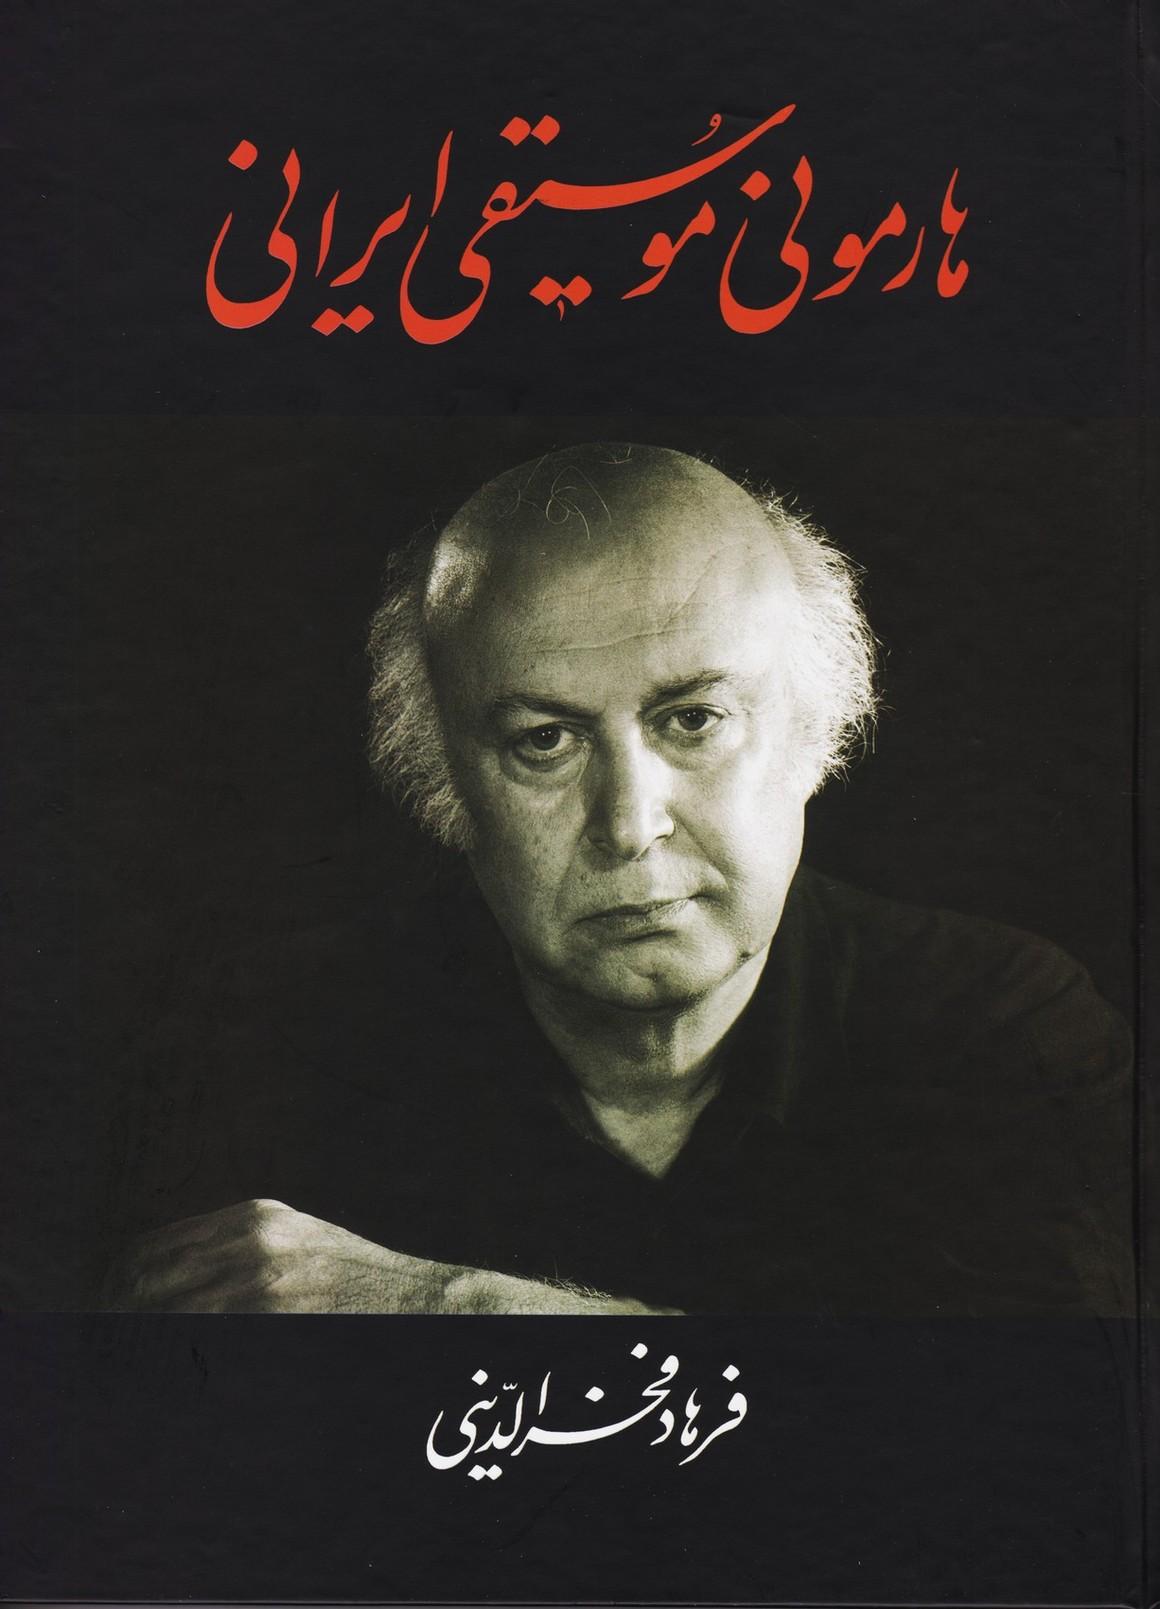 هارمونی موسیقی ایرانی/فرهاد فخرالدینی